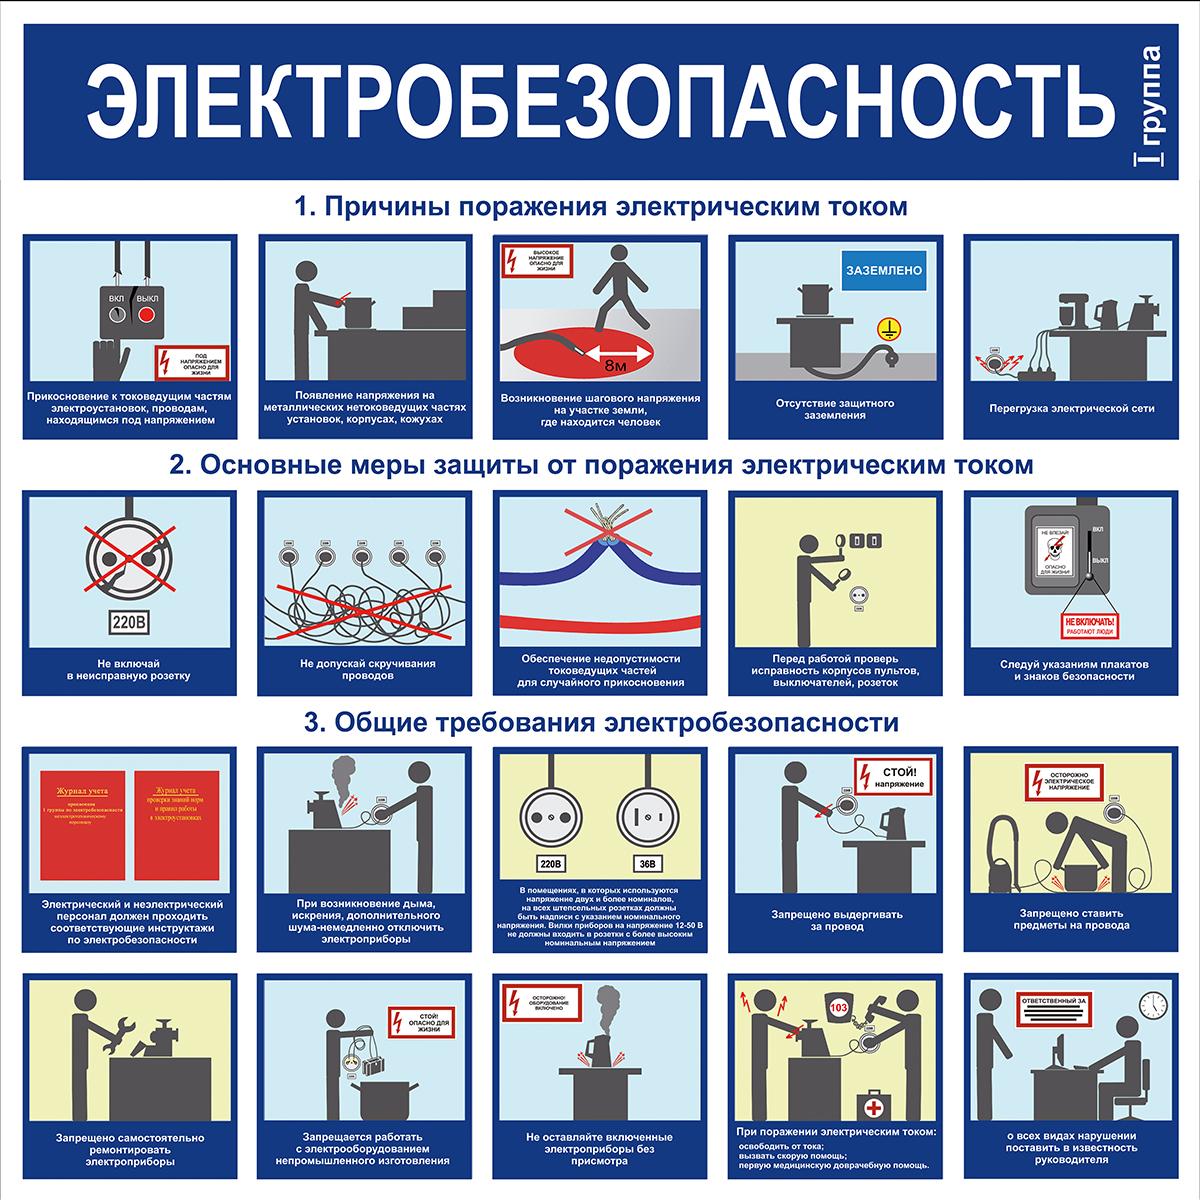 Электробезопасность,  1 группа  1000х1000 мм